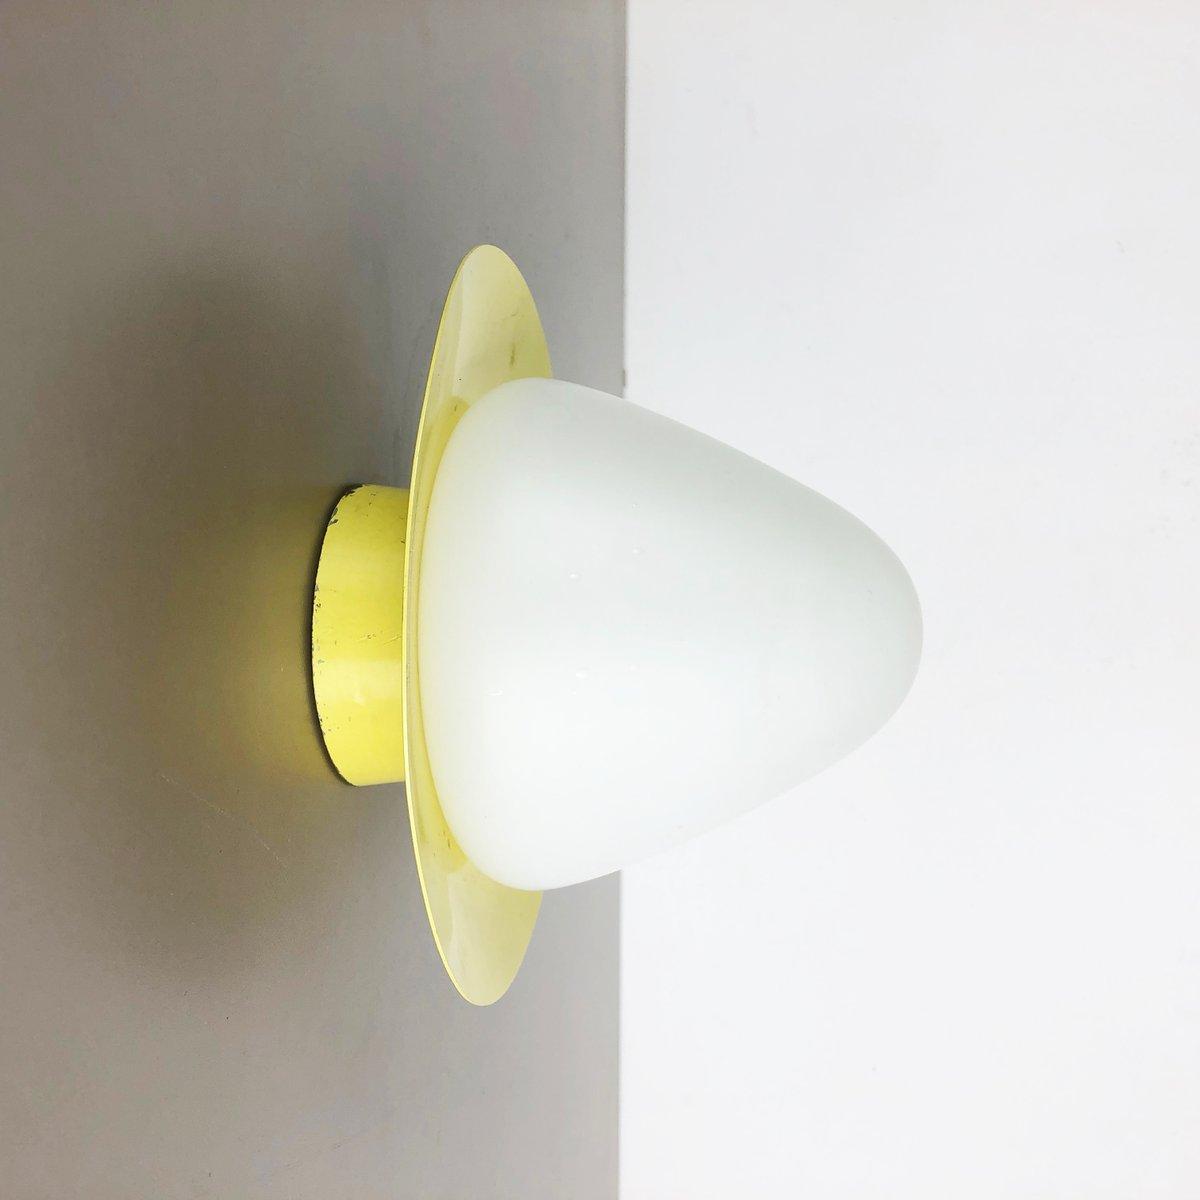 Mid-Century Wandlampe aus Opalglas & Metall von Bega, 1950er